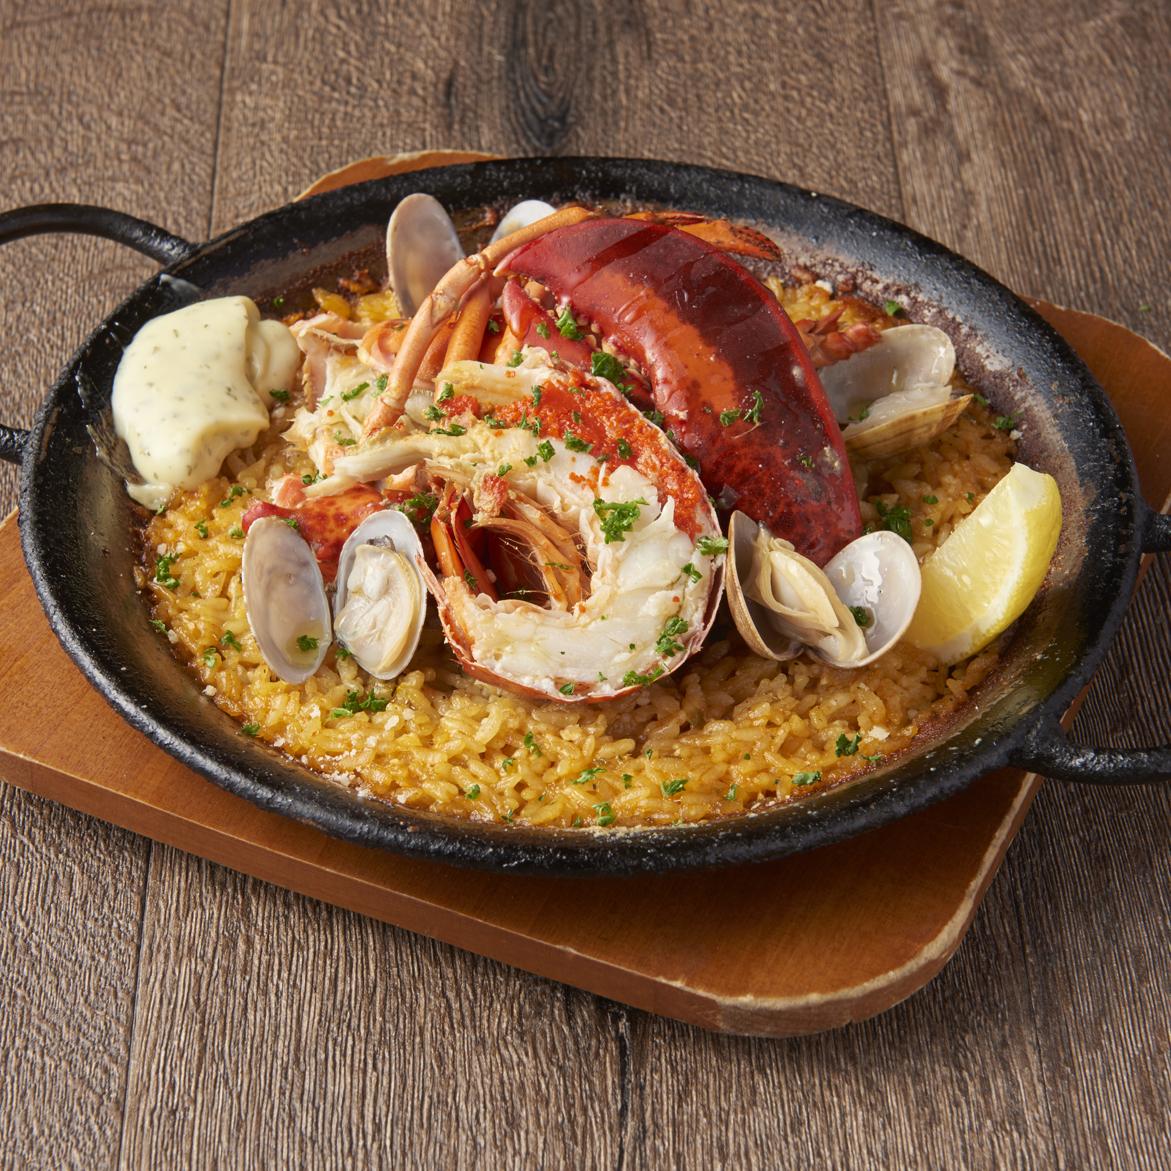 虾虾肉菜饭